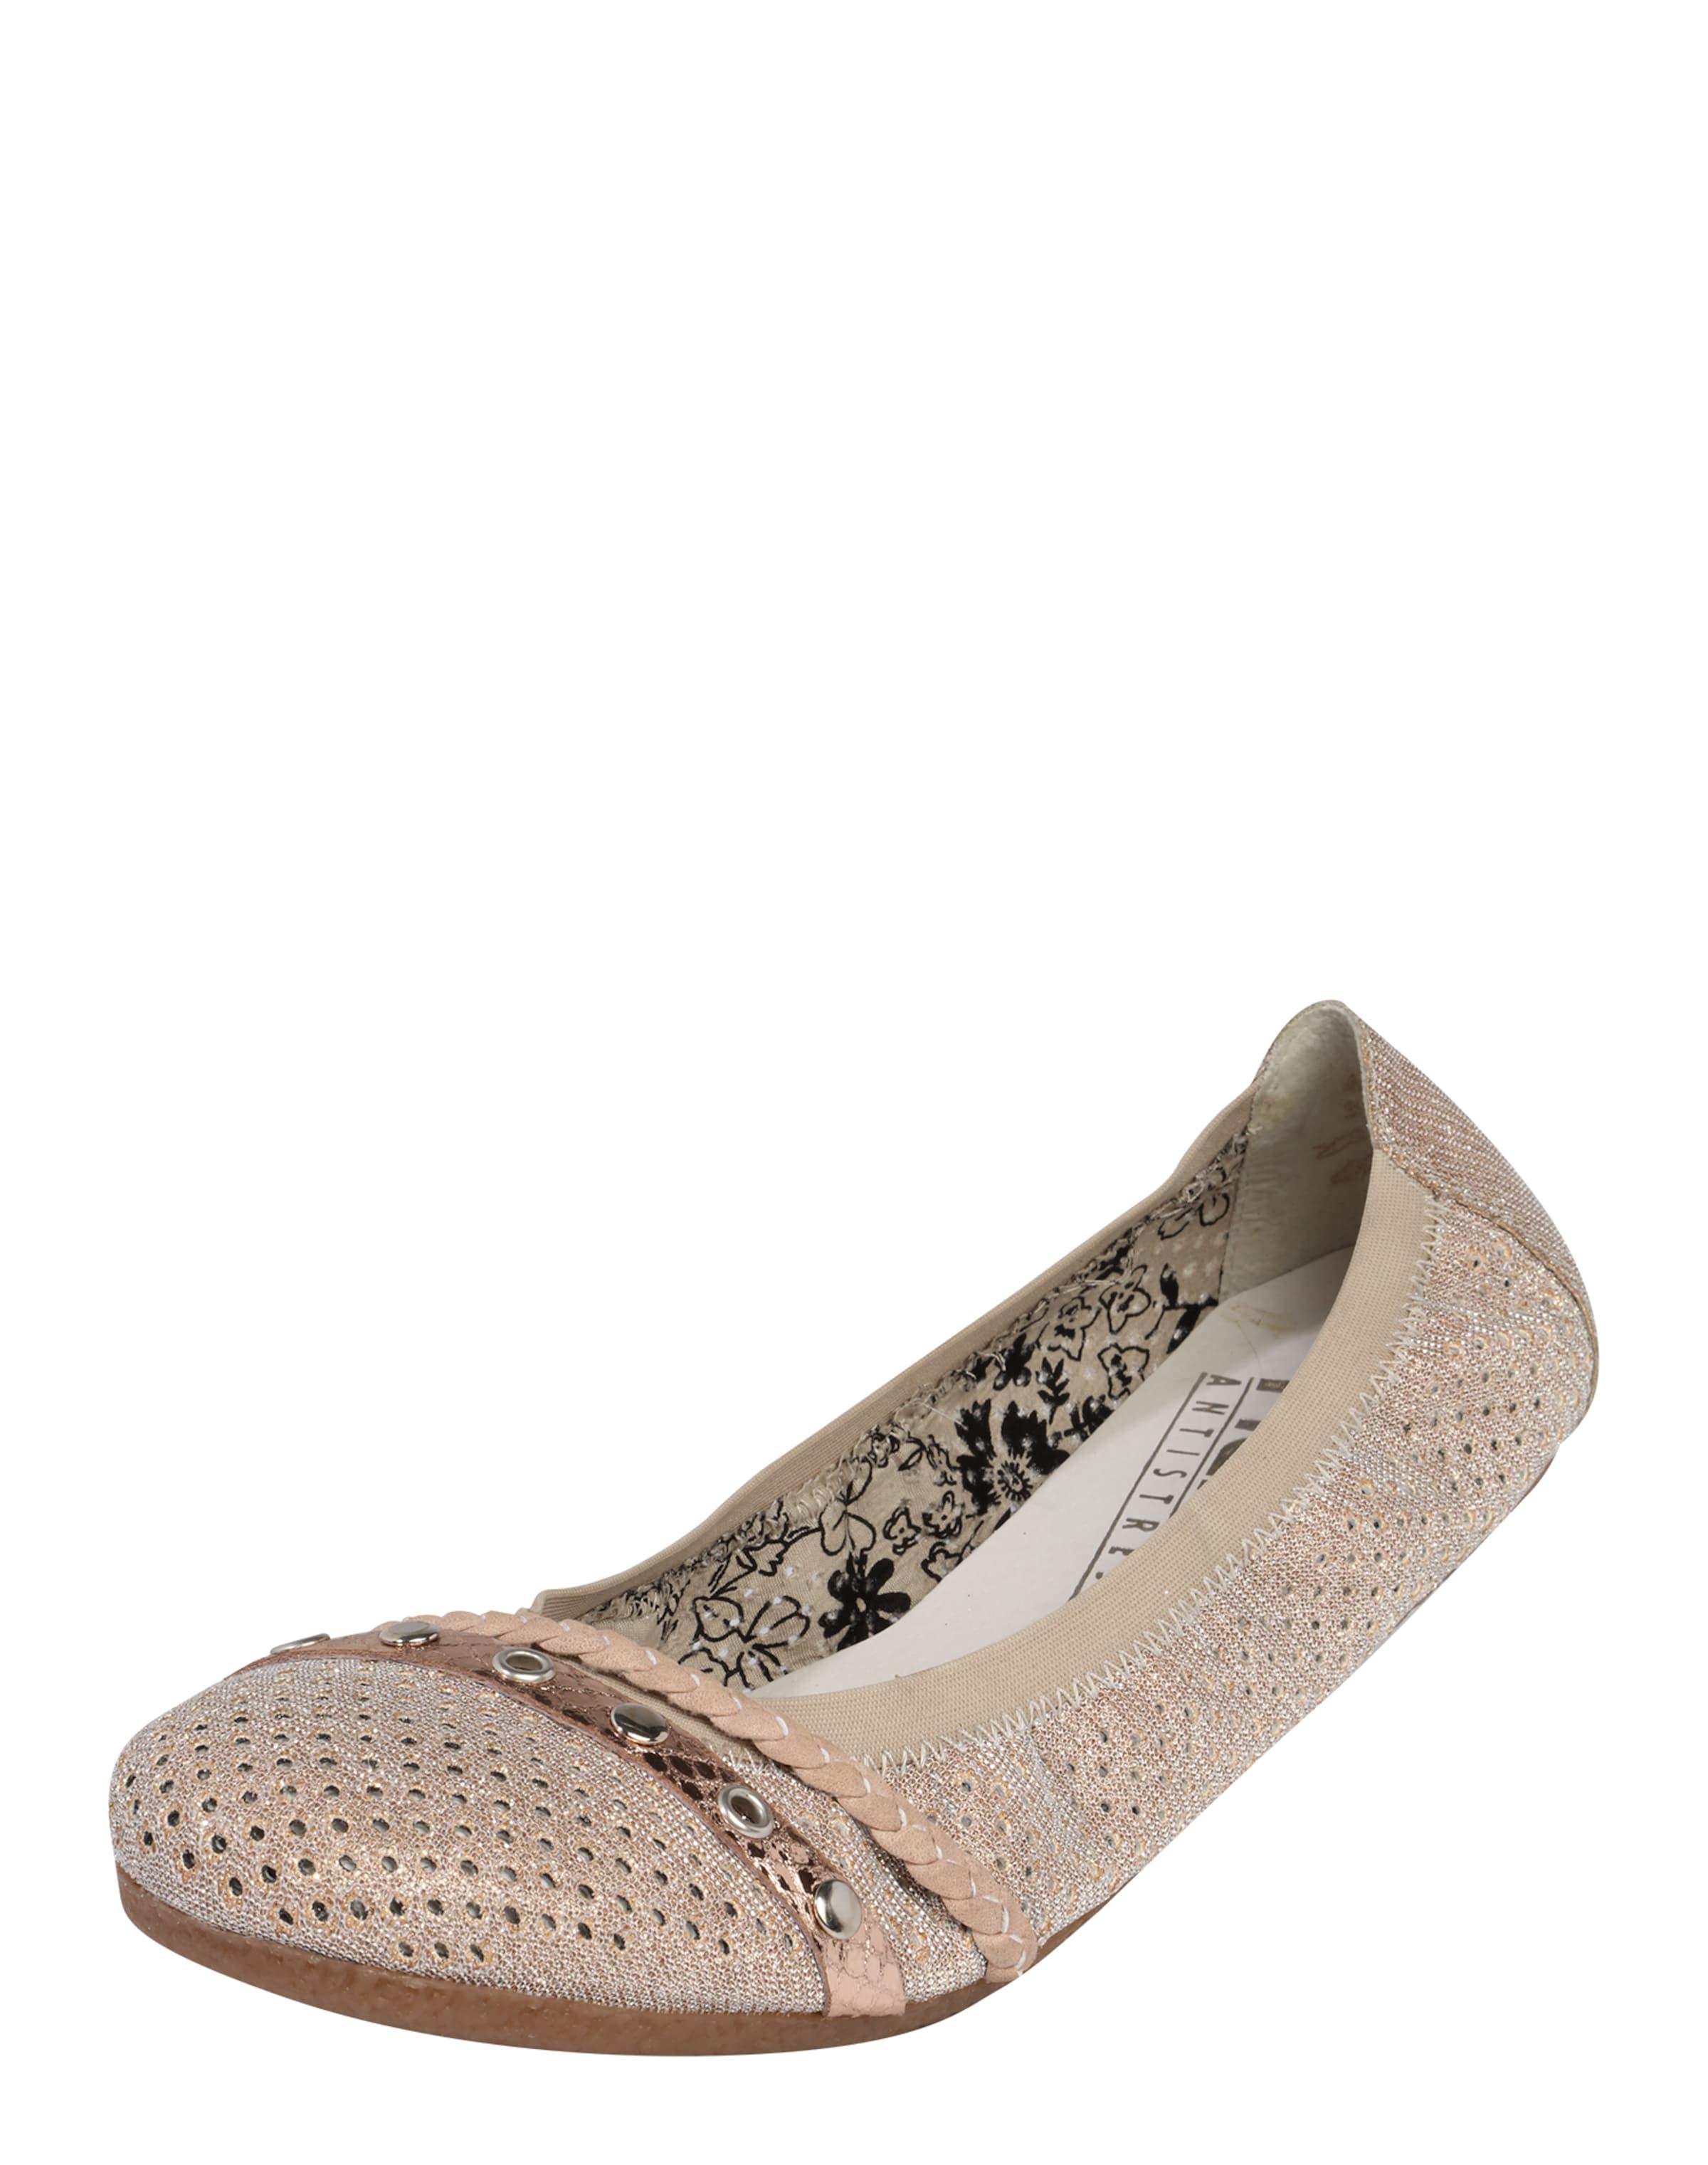 RIEKER Ballerinas mit Zierbändern Verschleißfeste billige Schuhe